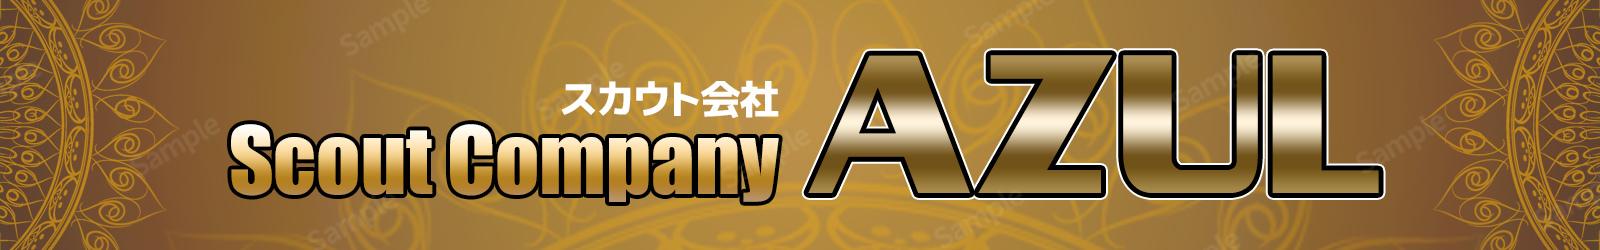 新宿渋谷池袋スカウト会社AZUL|バイト求人